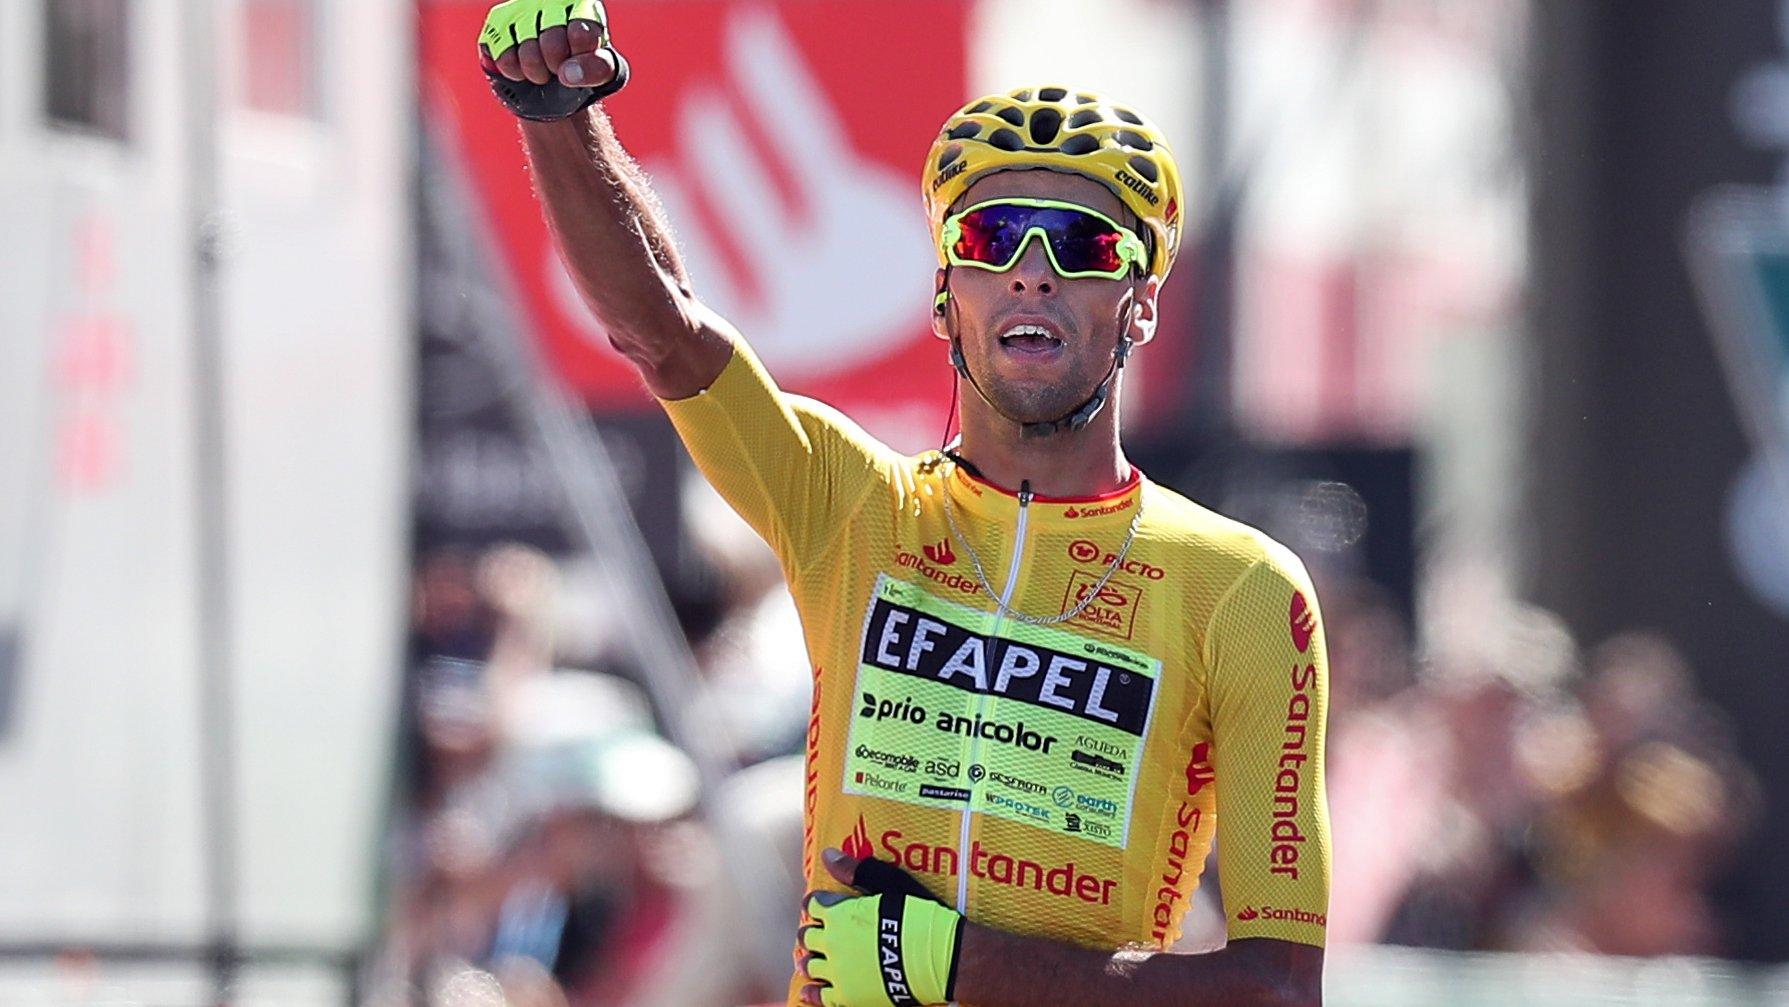 O ciclista da equipa Efapel, Rafael Reis, festeja após vencer a 1ª etapa da 82ª Volta a Portugal em Bicicleta, disputada hoje entre Torres Vedras e Setúbal, com a distância de 175,8 Km, Setúbal, 05 de agosto de 2021. NUNO VEIGA/LUSA